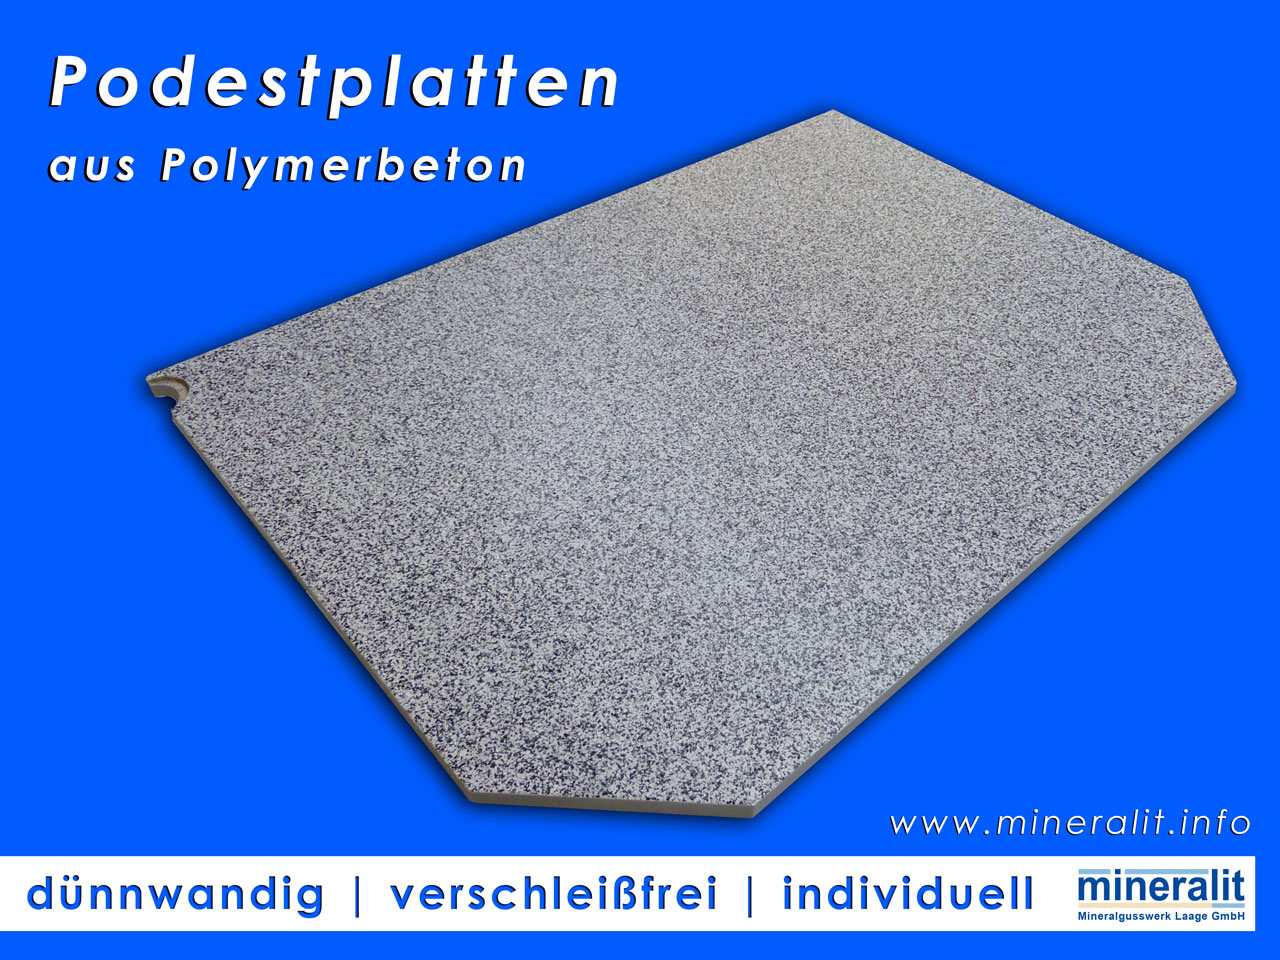 Podestplatten aus Polymerbeton